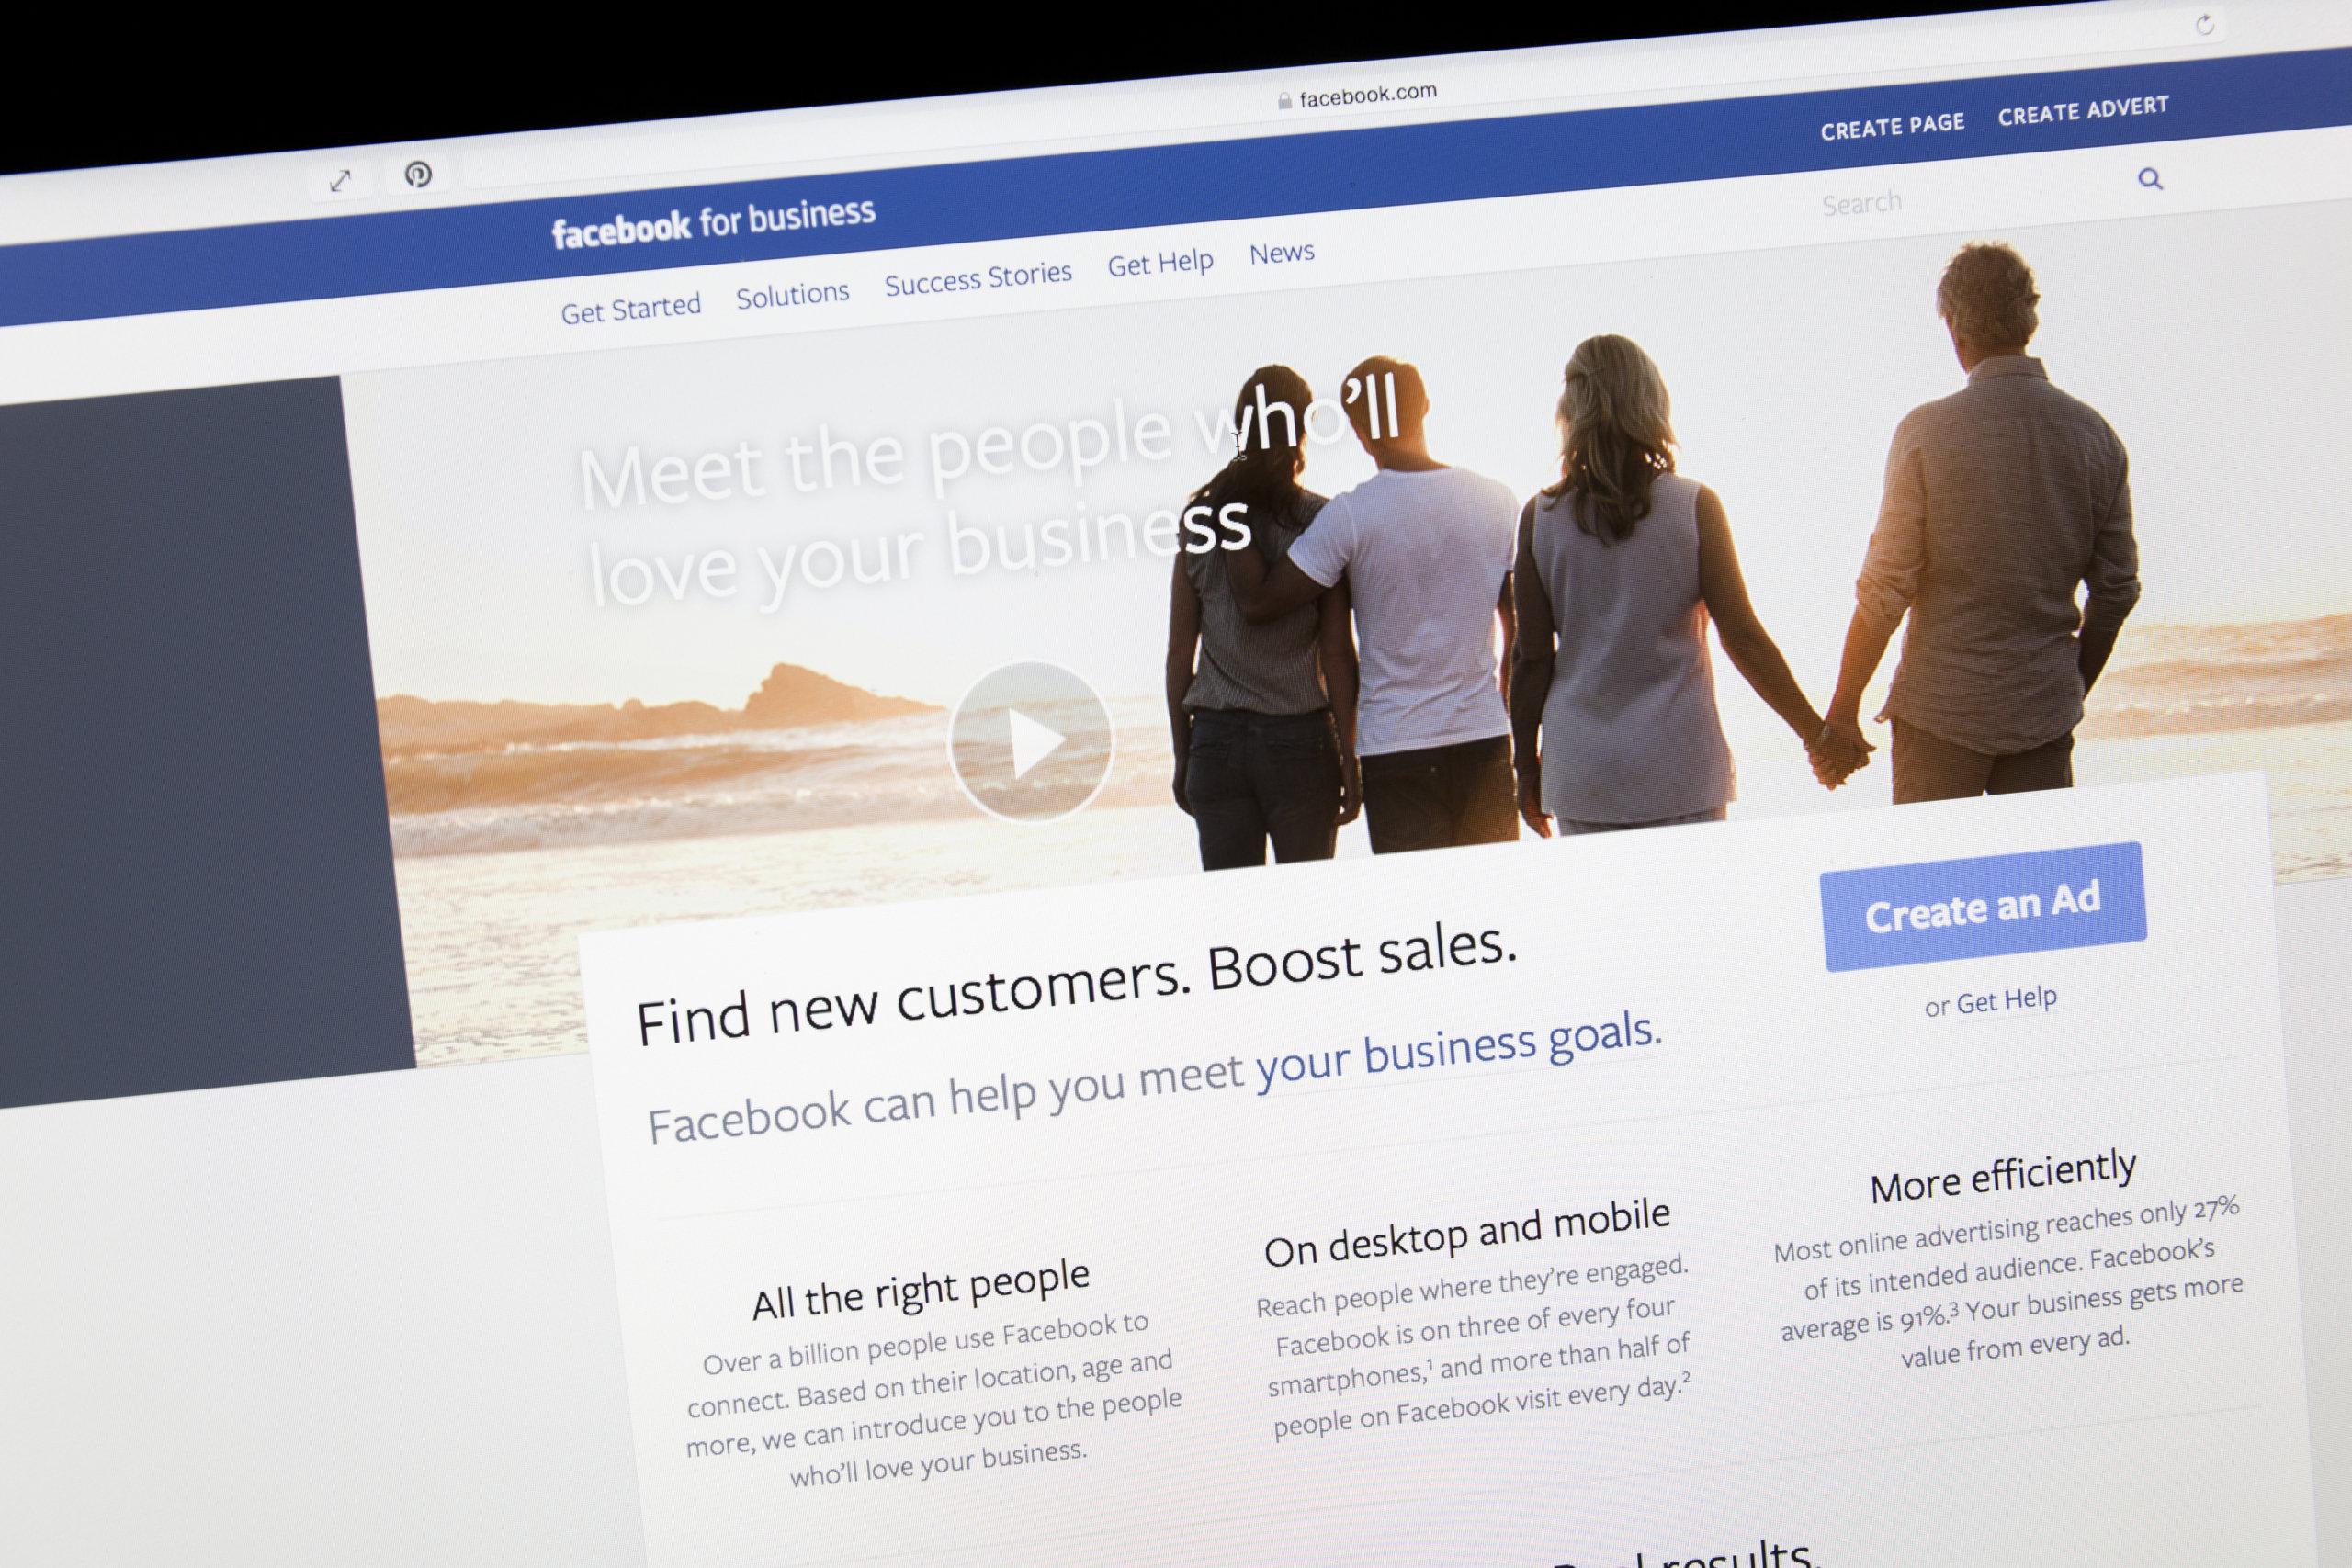 Facebookが米国から提訴でオワコンか!?テキサス州のバ○デン不正州を提訴を最高裁が受理へ!